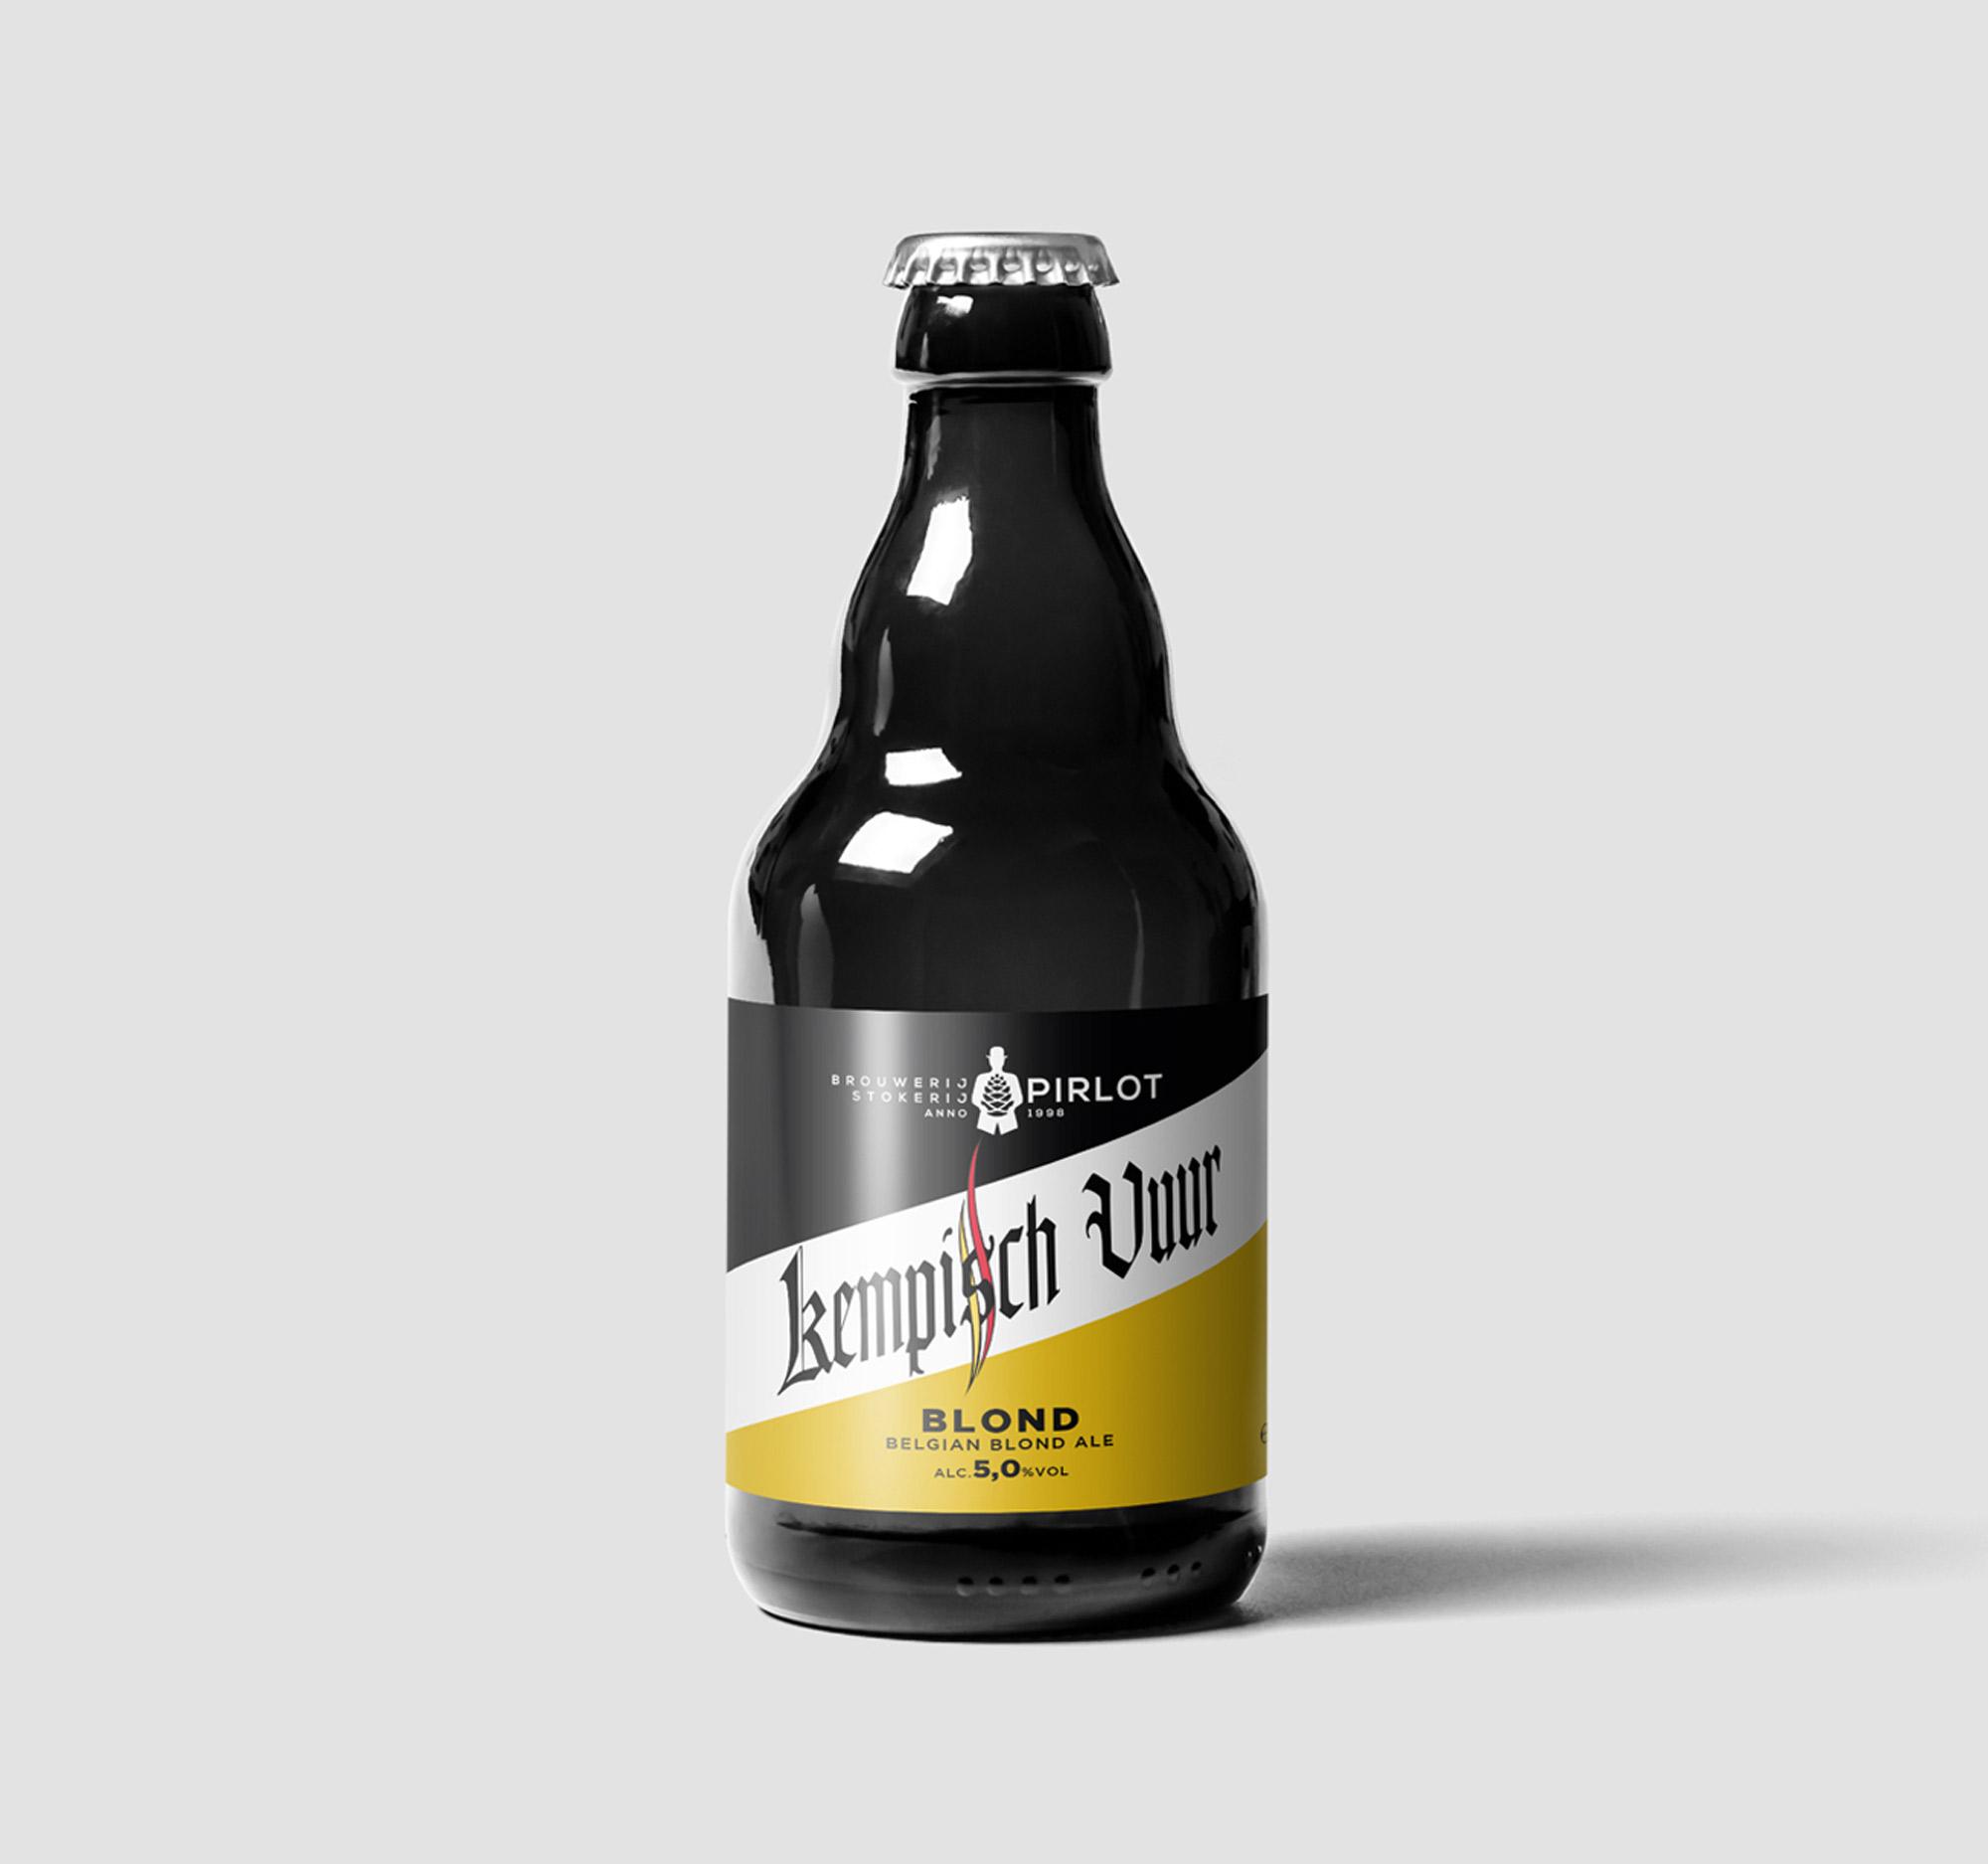 kempisch-vuur-bier-blond